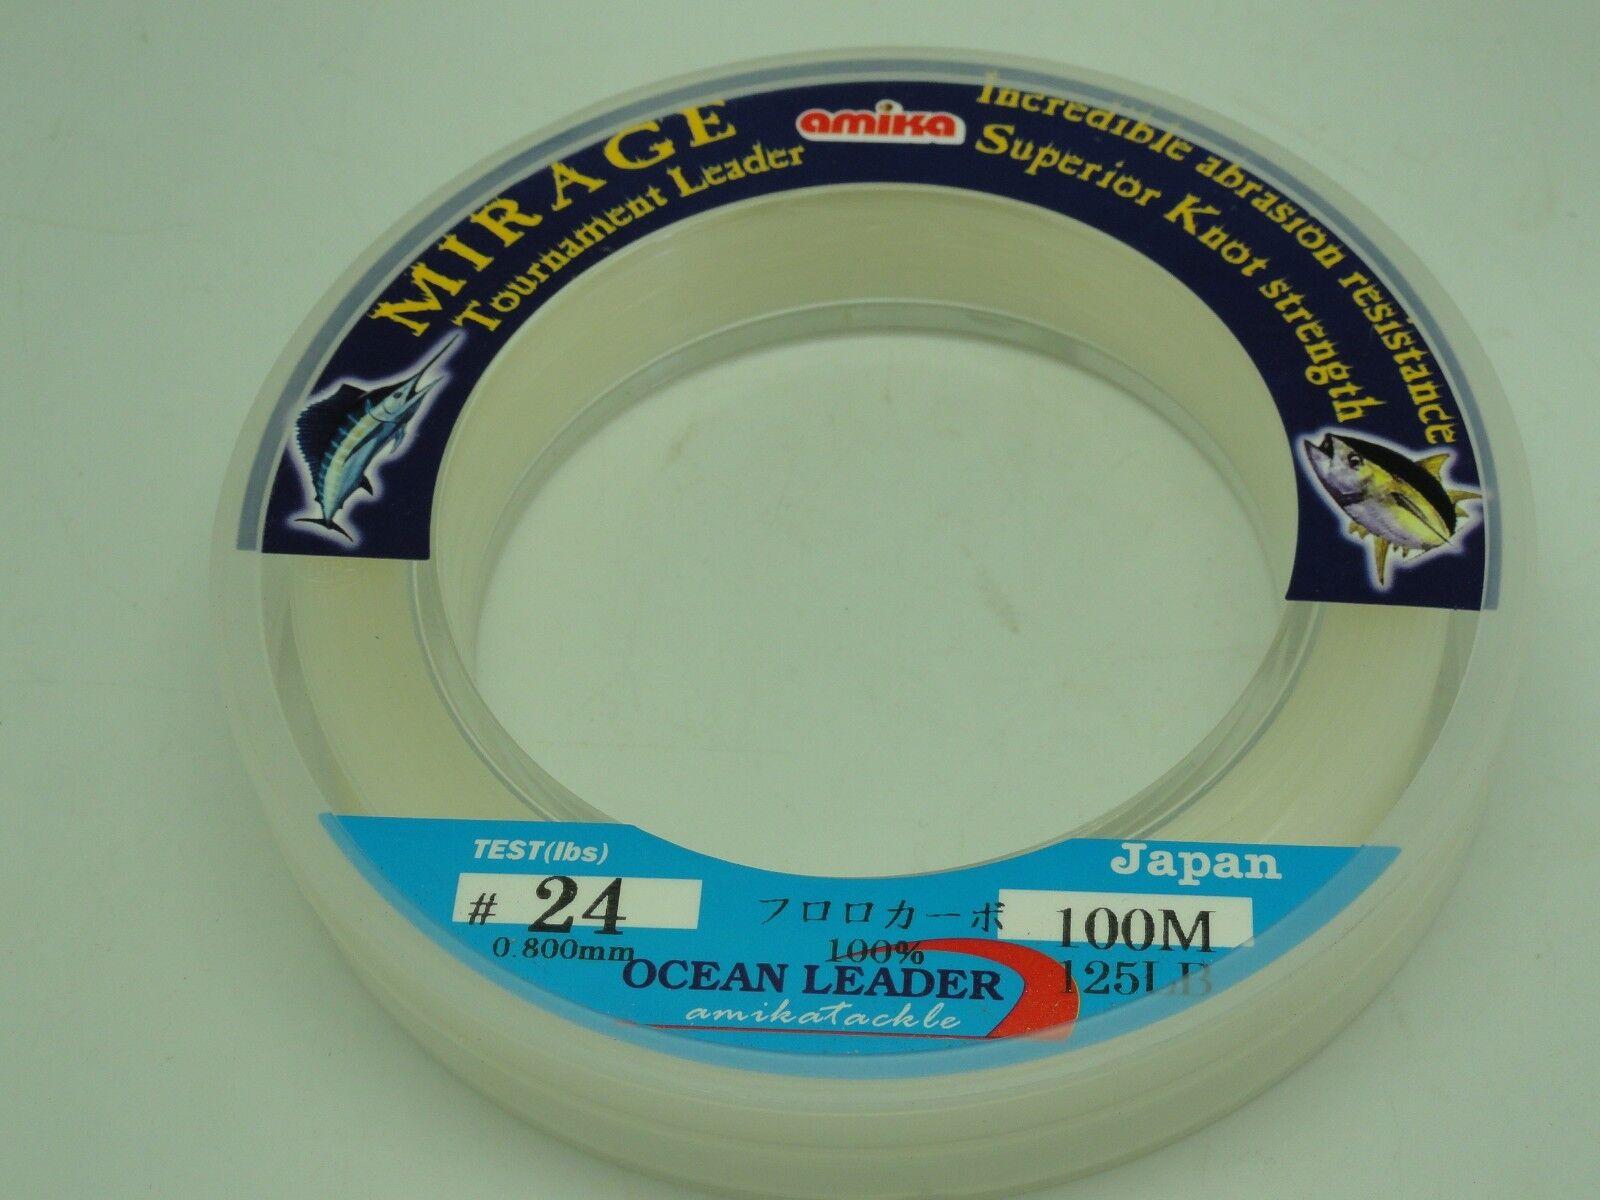 Amika Mirage FluGoldcarbon Leader Japan  24 U.S 90 90 90 125lb 110yd Jigging BG Fishing 5a7458